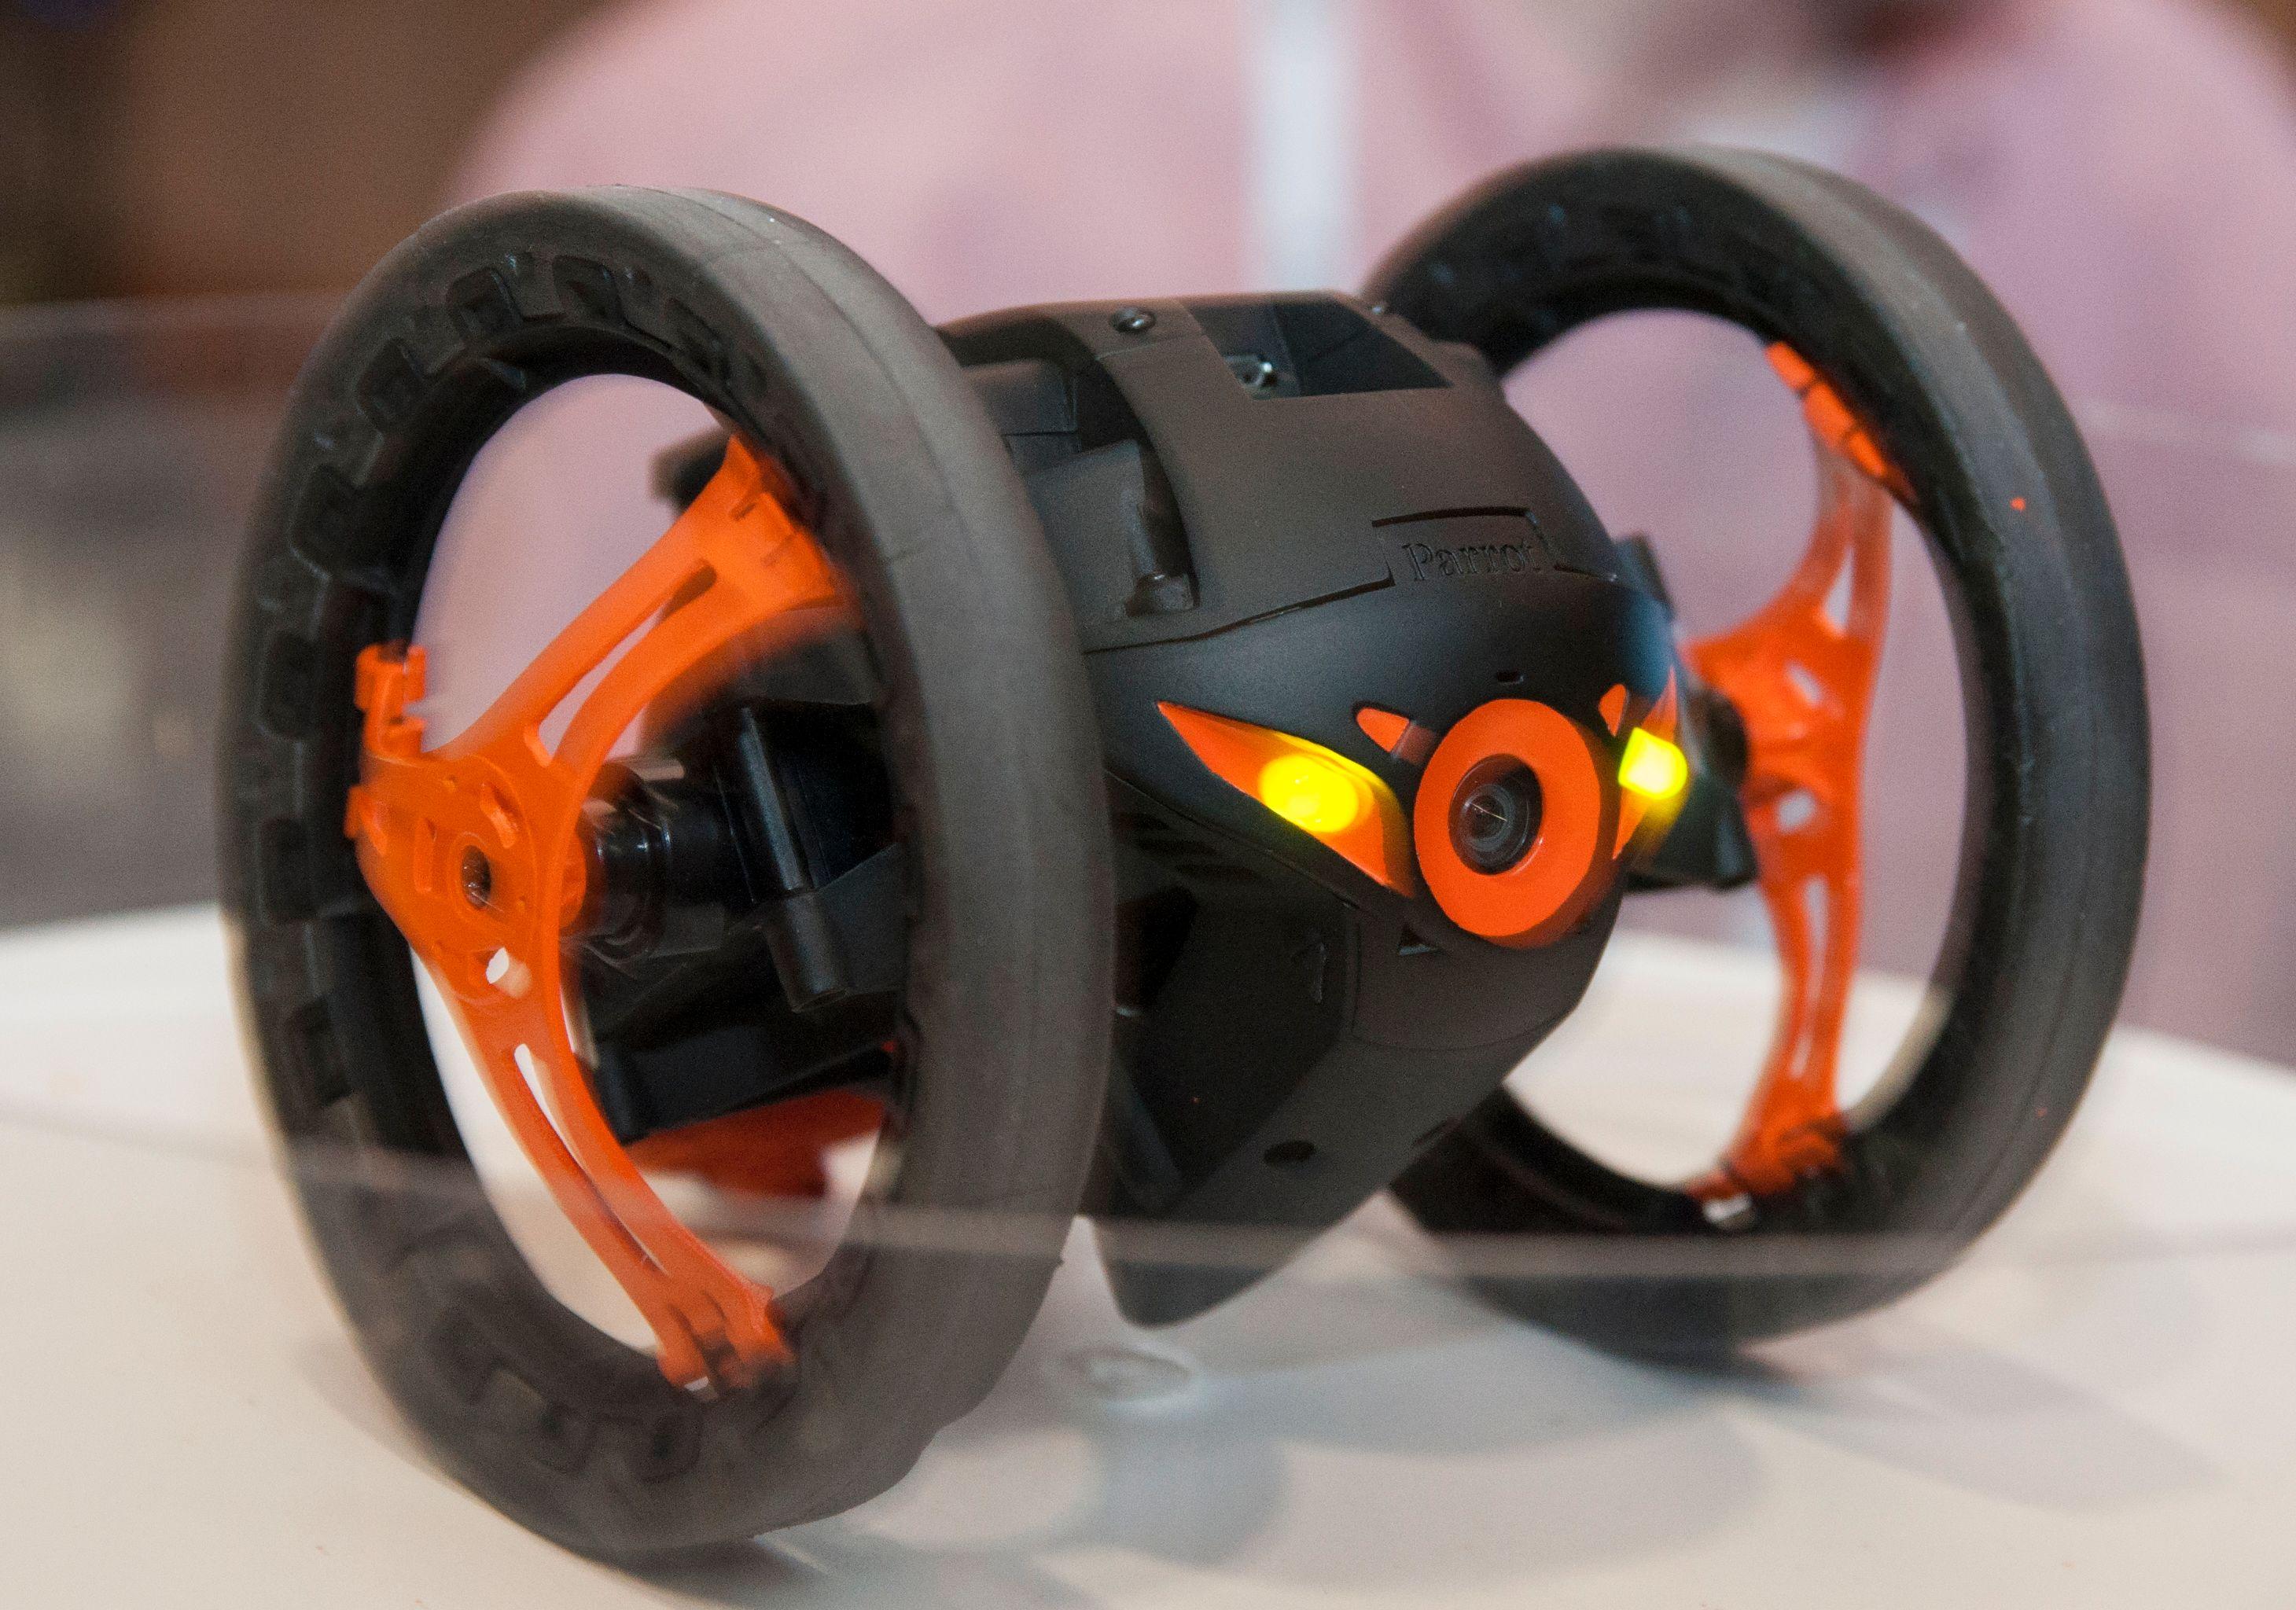 Denne tohjulingen kan hoppe 80 centimeter opp i luften, og ta forrykende piruetter, for å nevne noe.Foto: Finn Jarle Kvalheim, Amobil.no